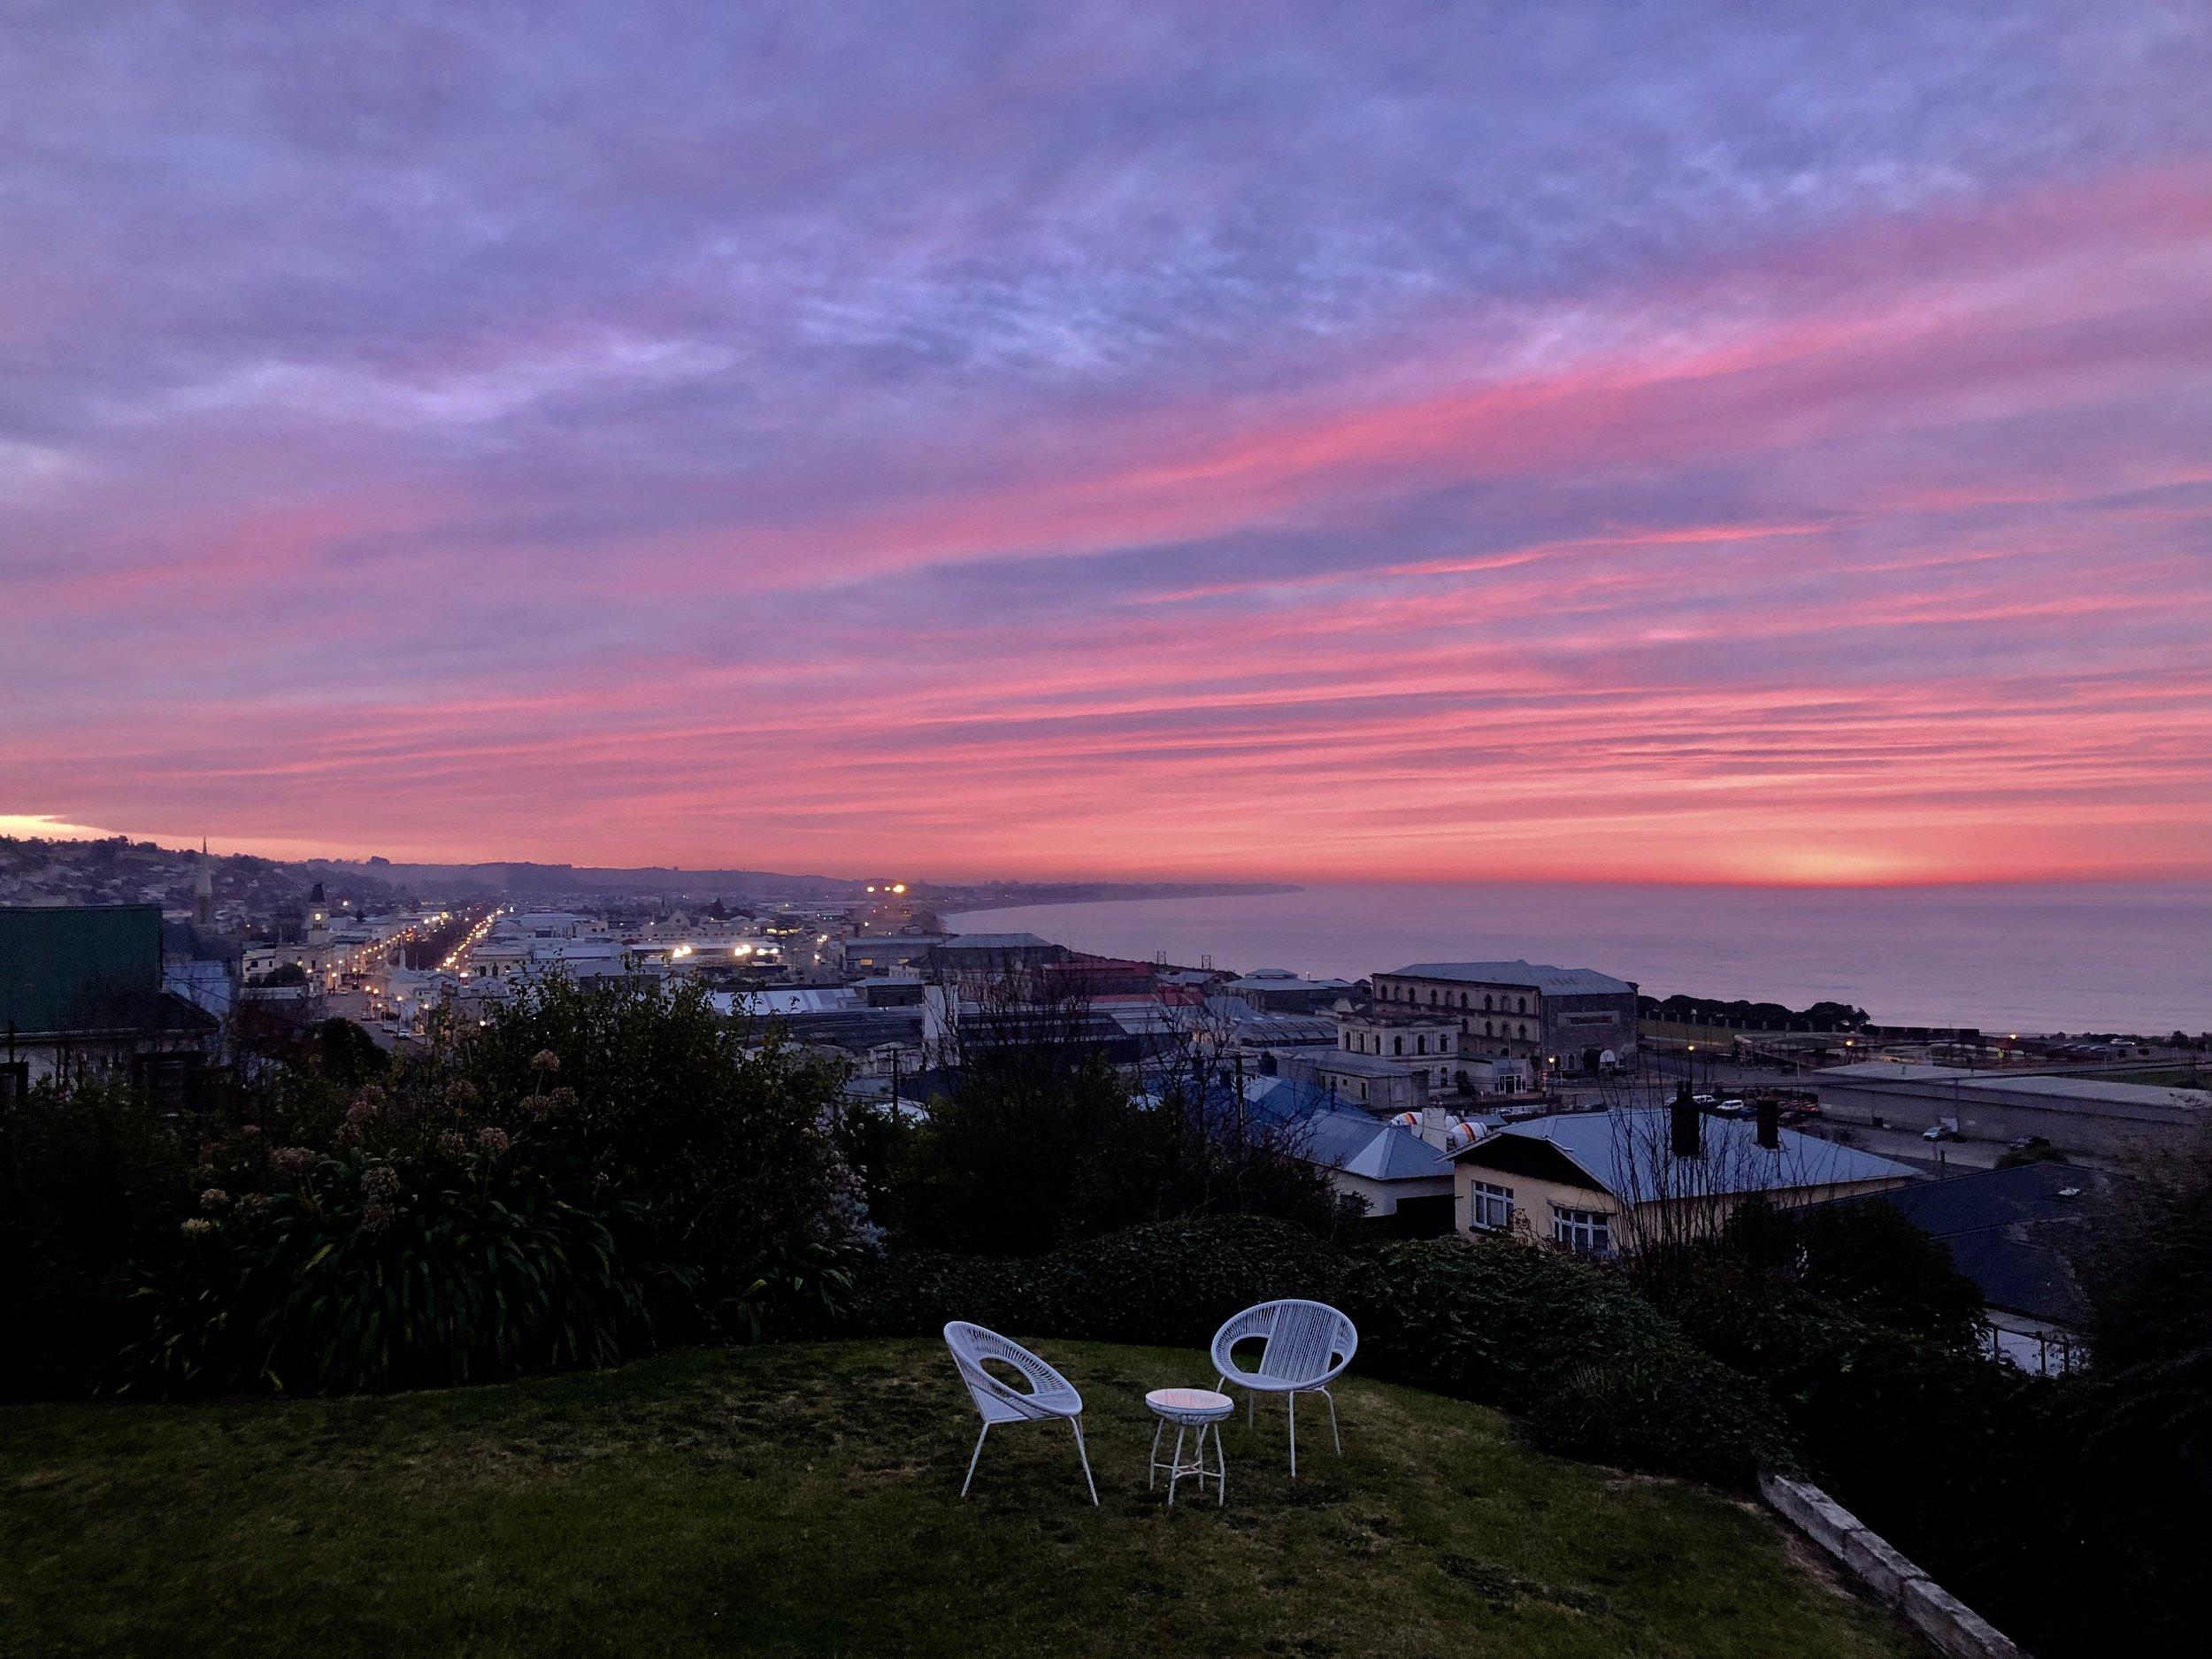 Sunrise over Oamaru